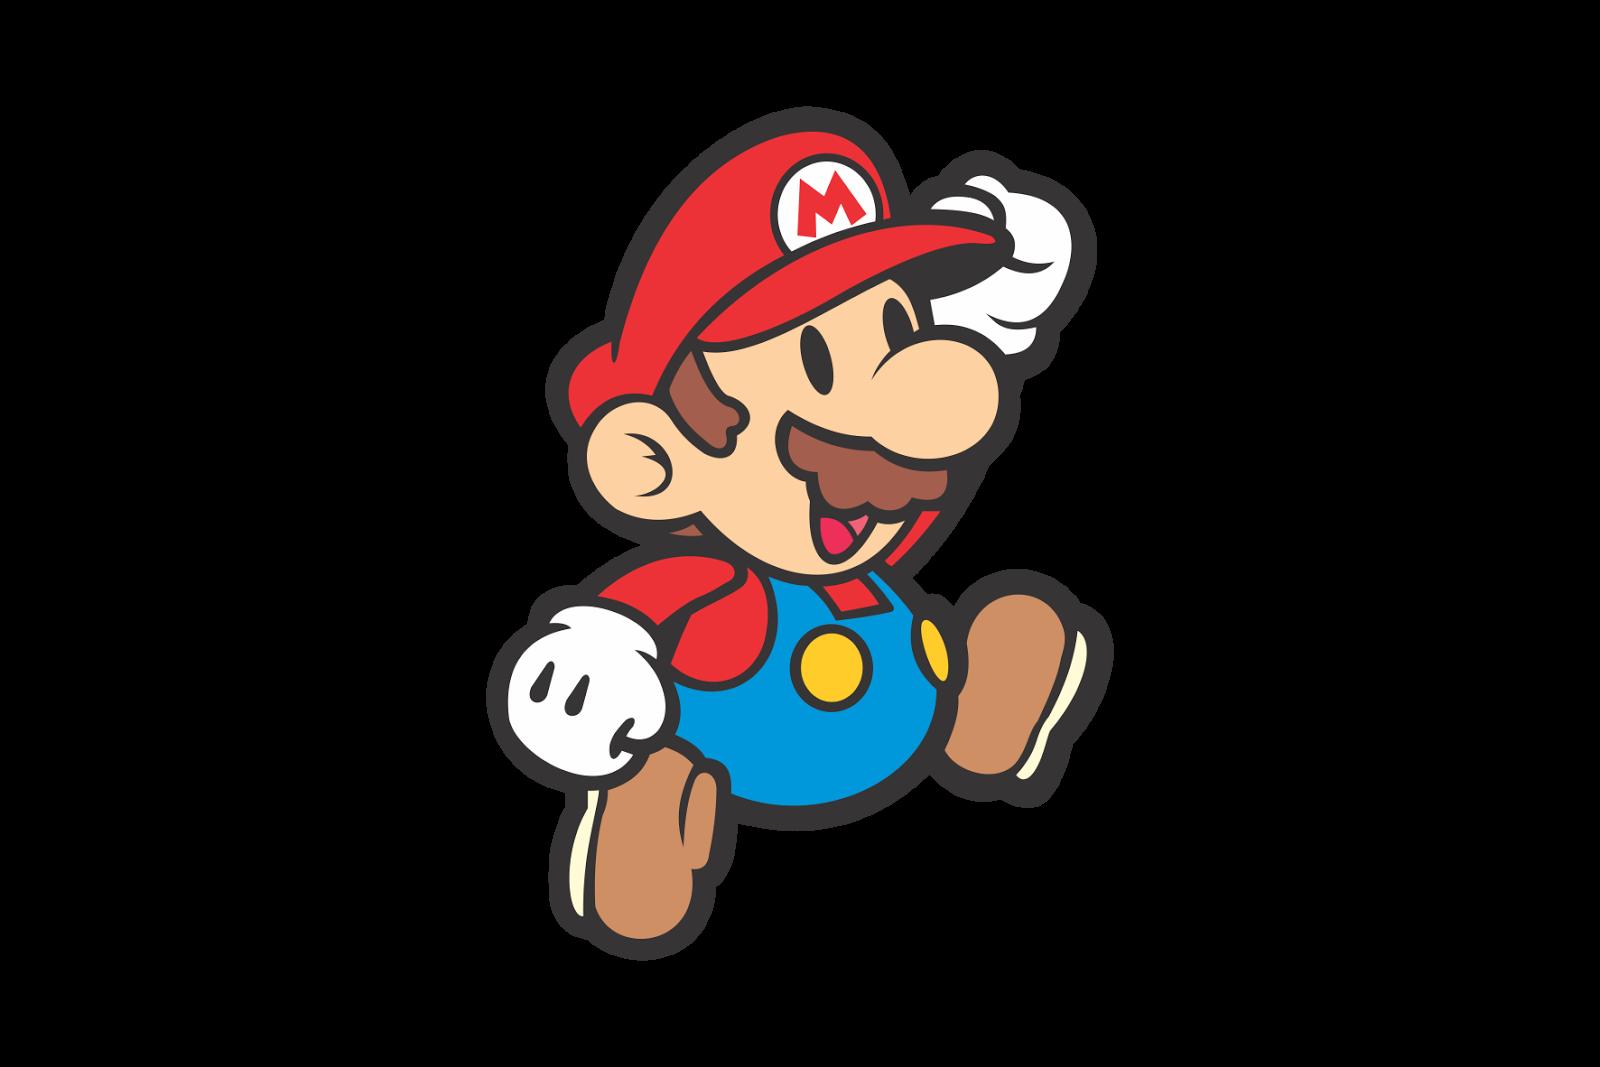 1600x1067 Super Mario Bros Vector